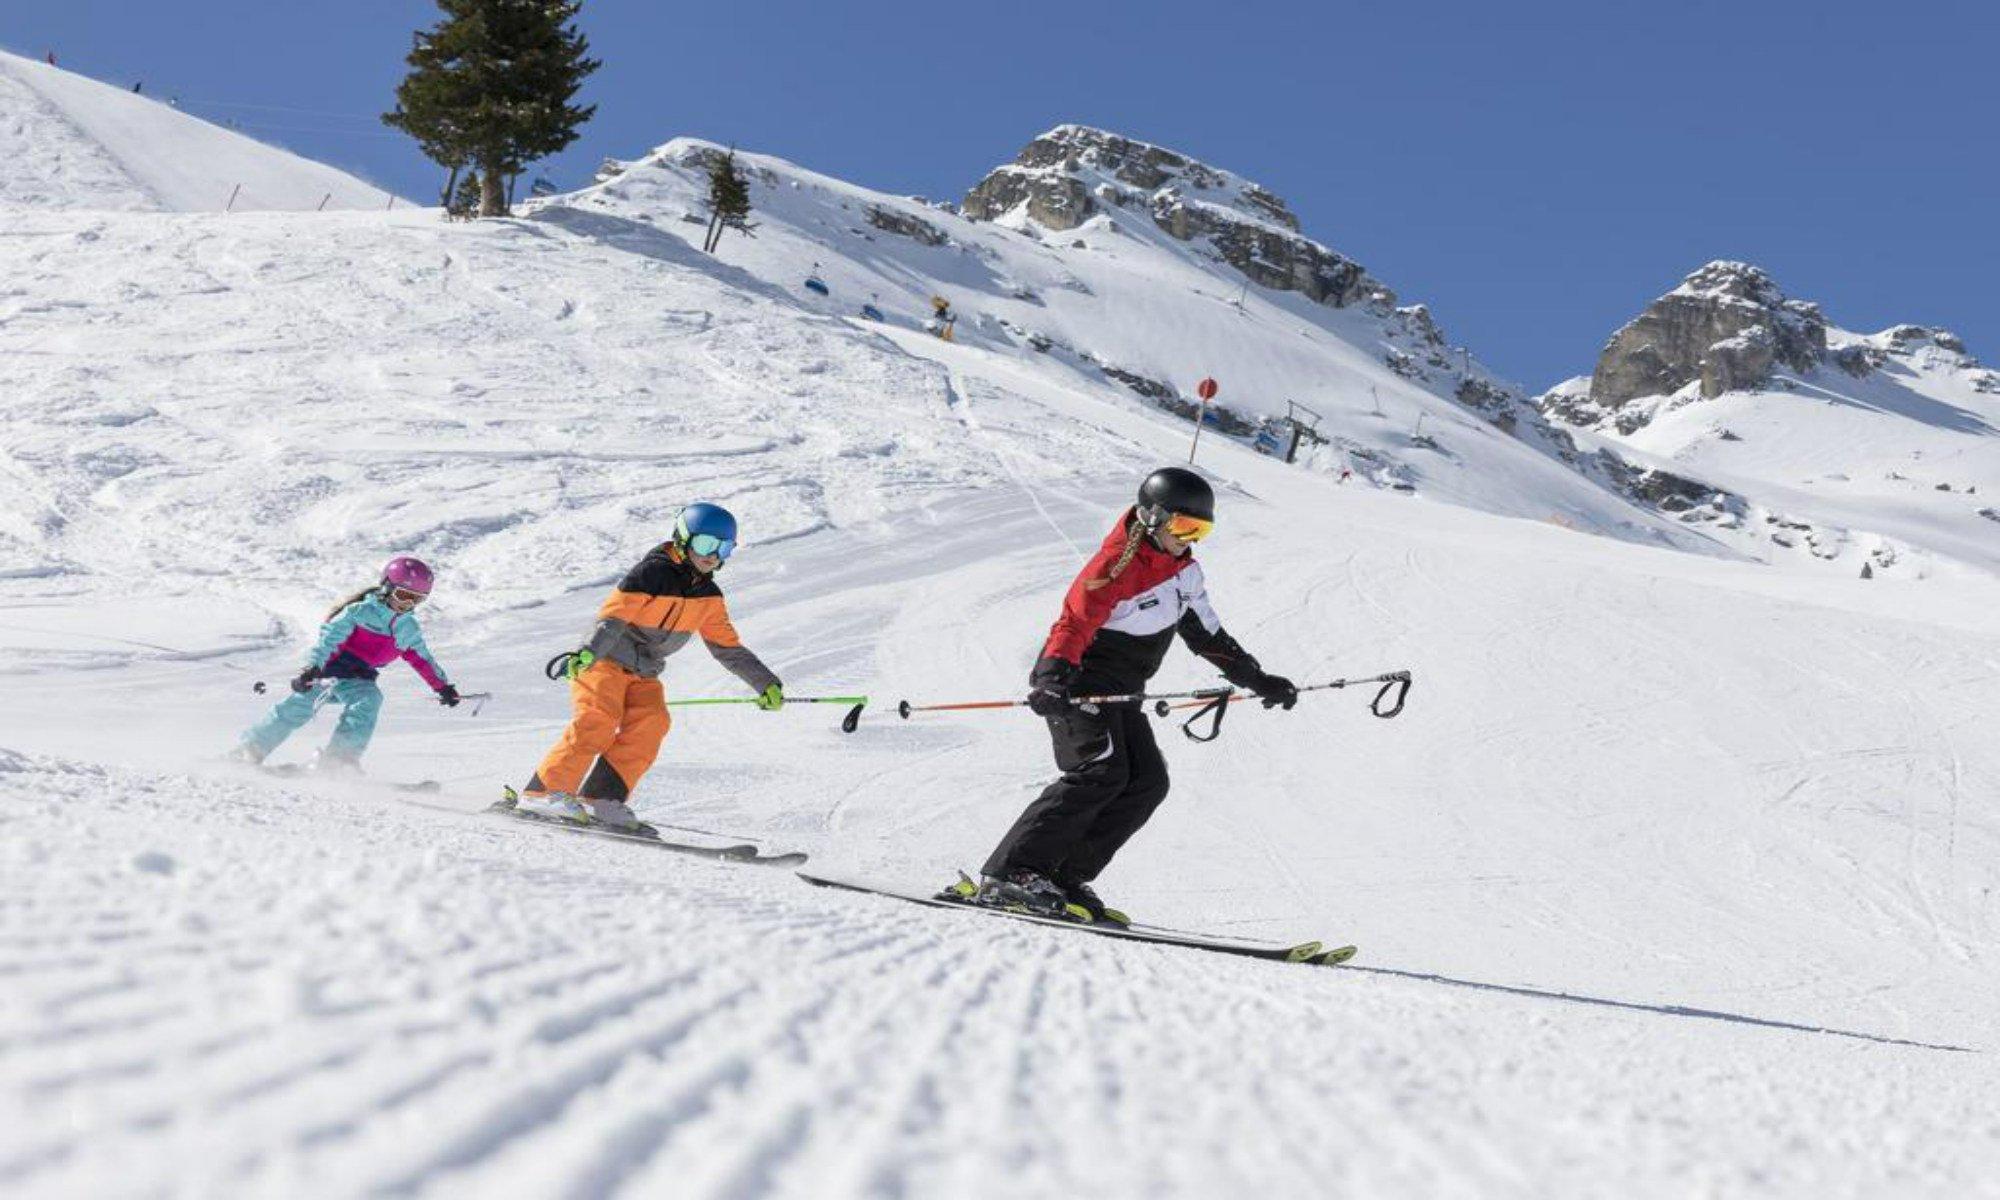 Een skileraar wordt gevolgd door twee jonge leerlingen tijdens een skiles in het skigebied van Schlick-2000-Fulpmes.